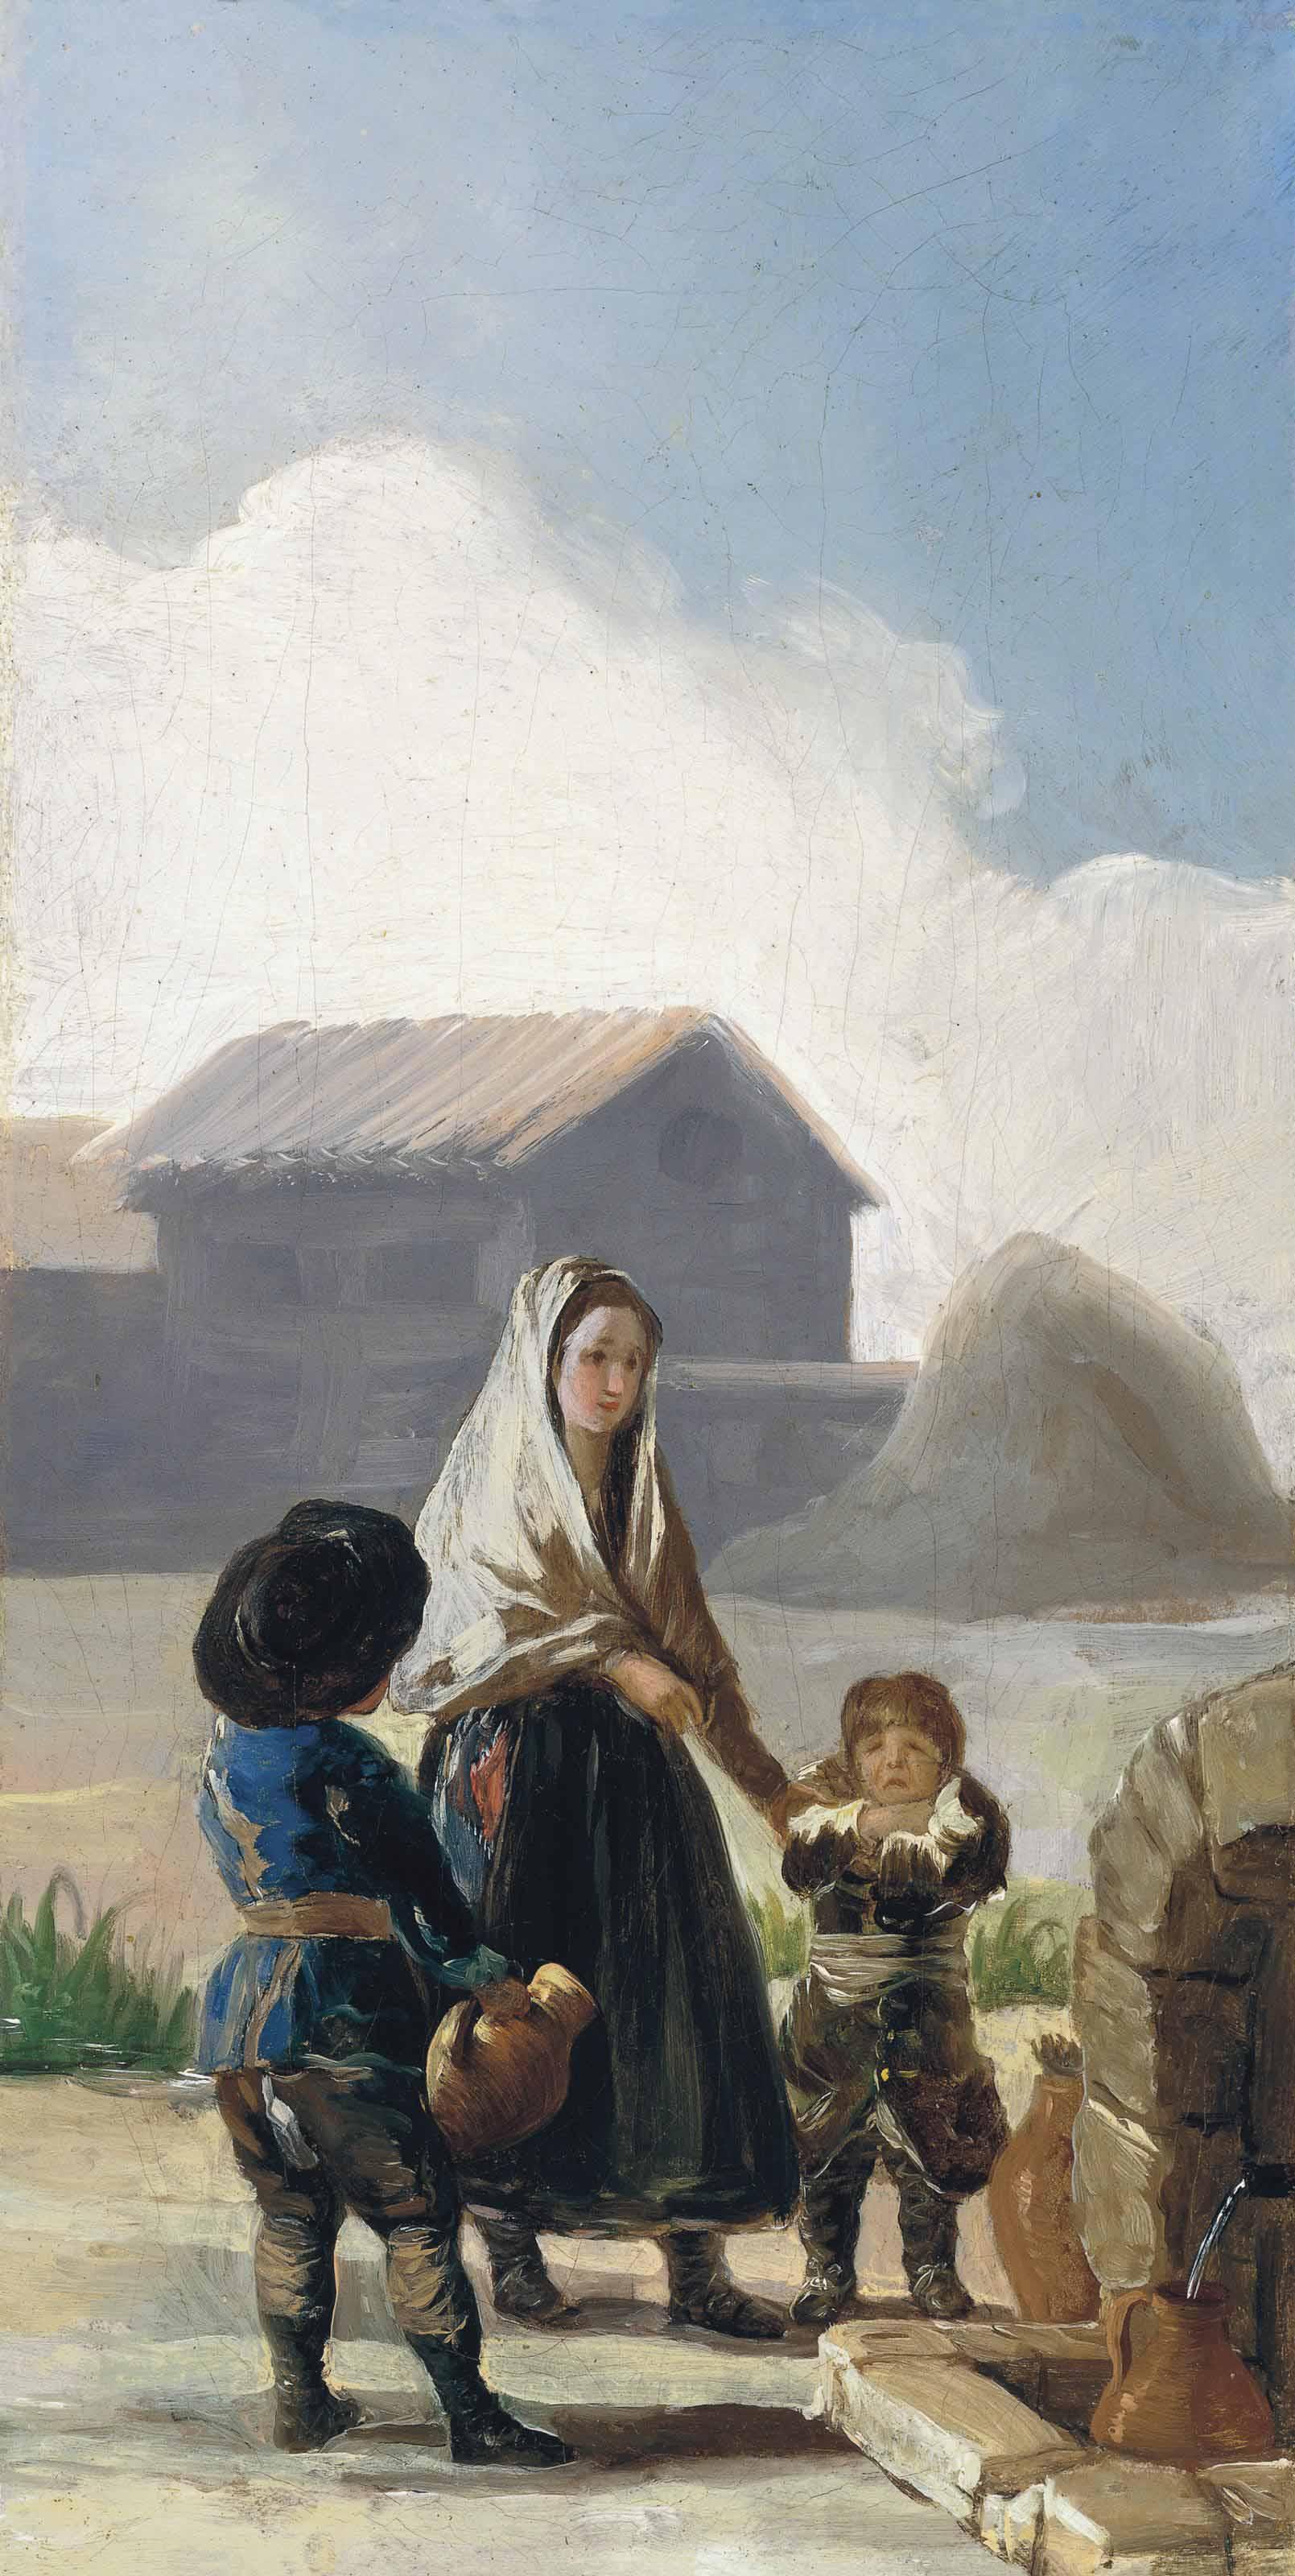 Francisco de Goya y Lucientes (Fuendetodos 1746-1828 Bordeaux)